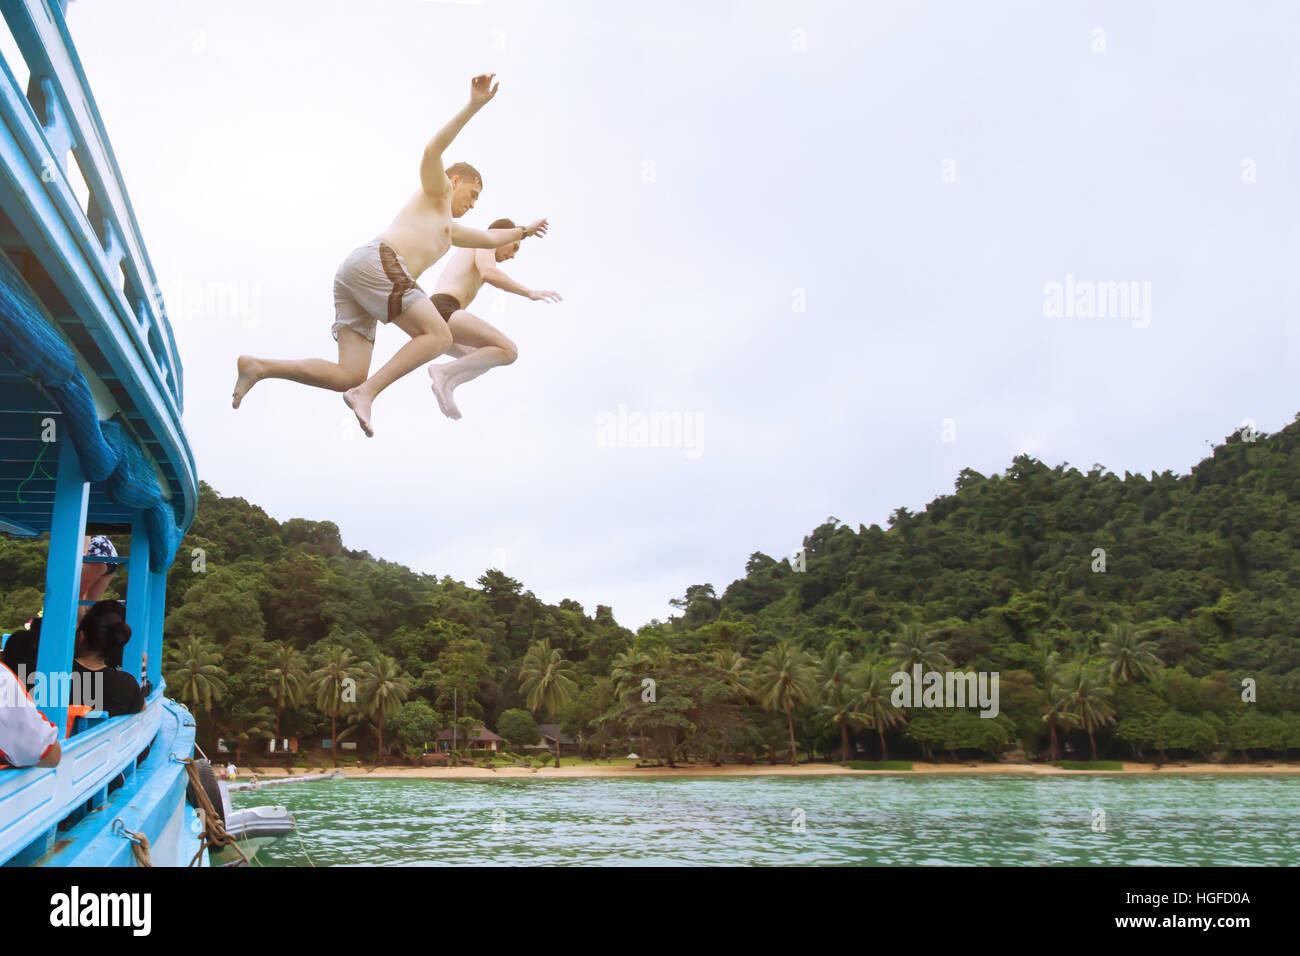 Les amis de sauter à la mer à partir de la voile, de s'amuser ensemble, de la plage, l'adrénaline Photo Stock